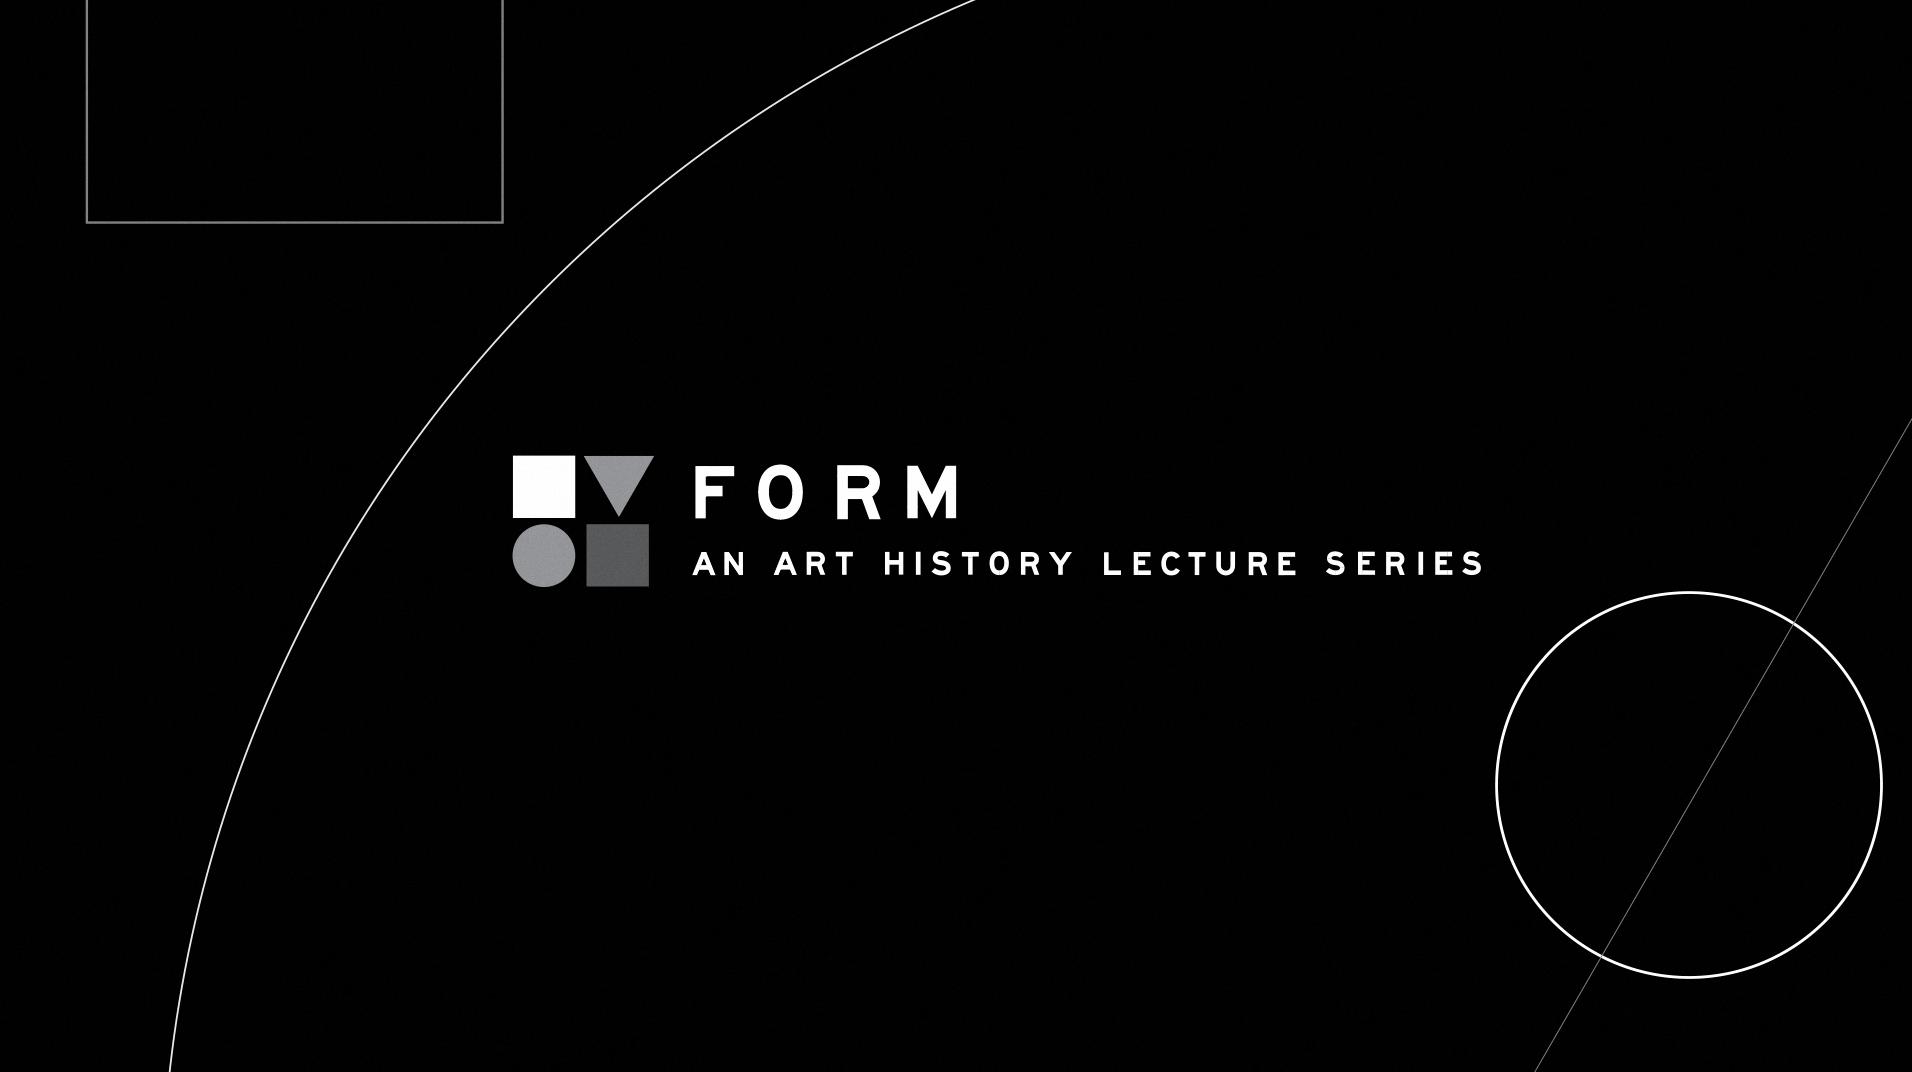 Form_Still_8.png